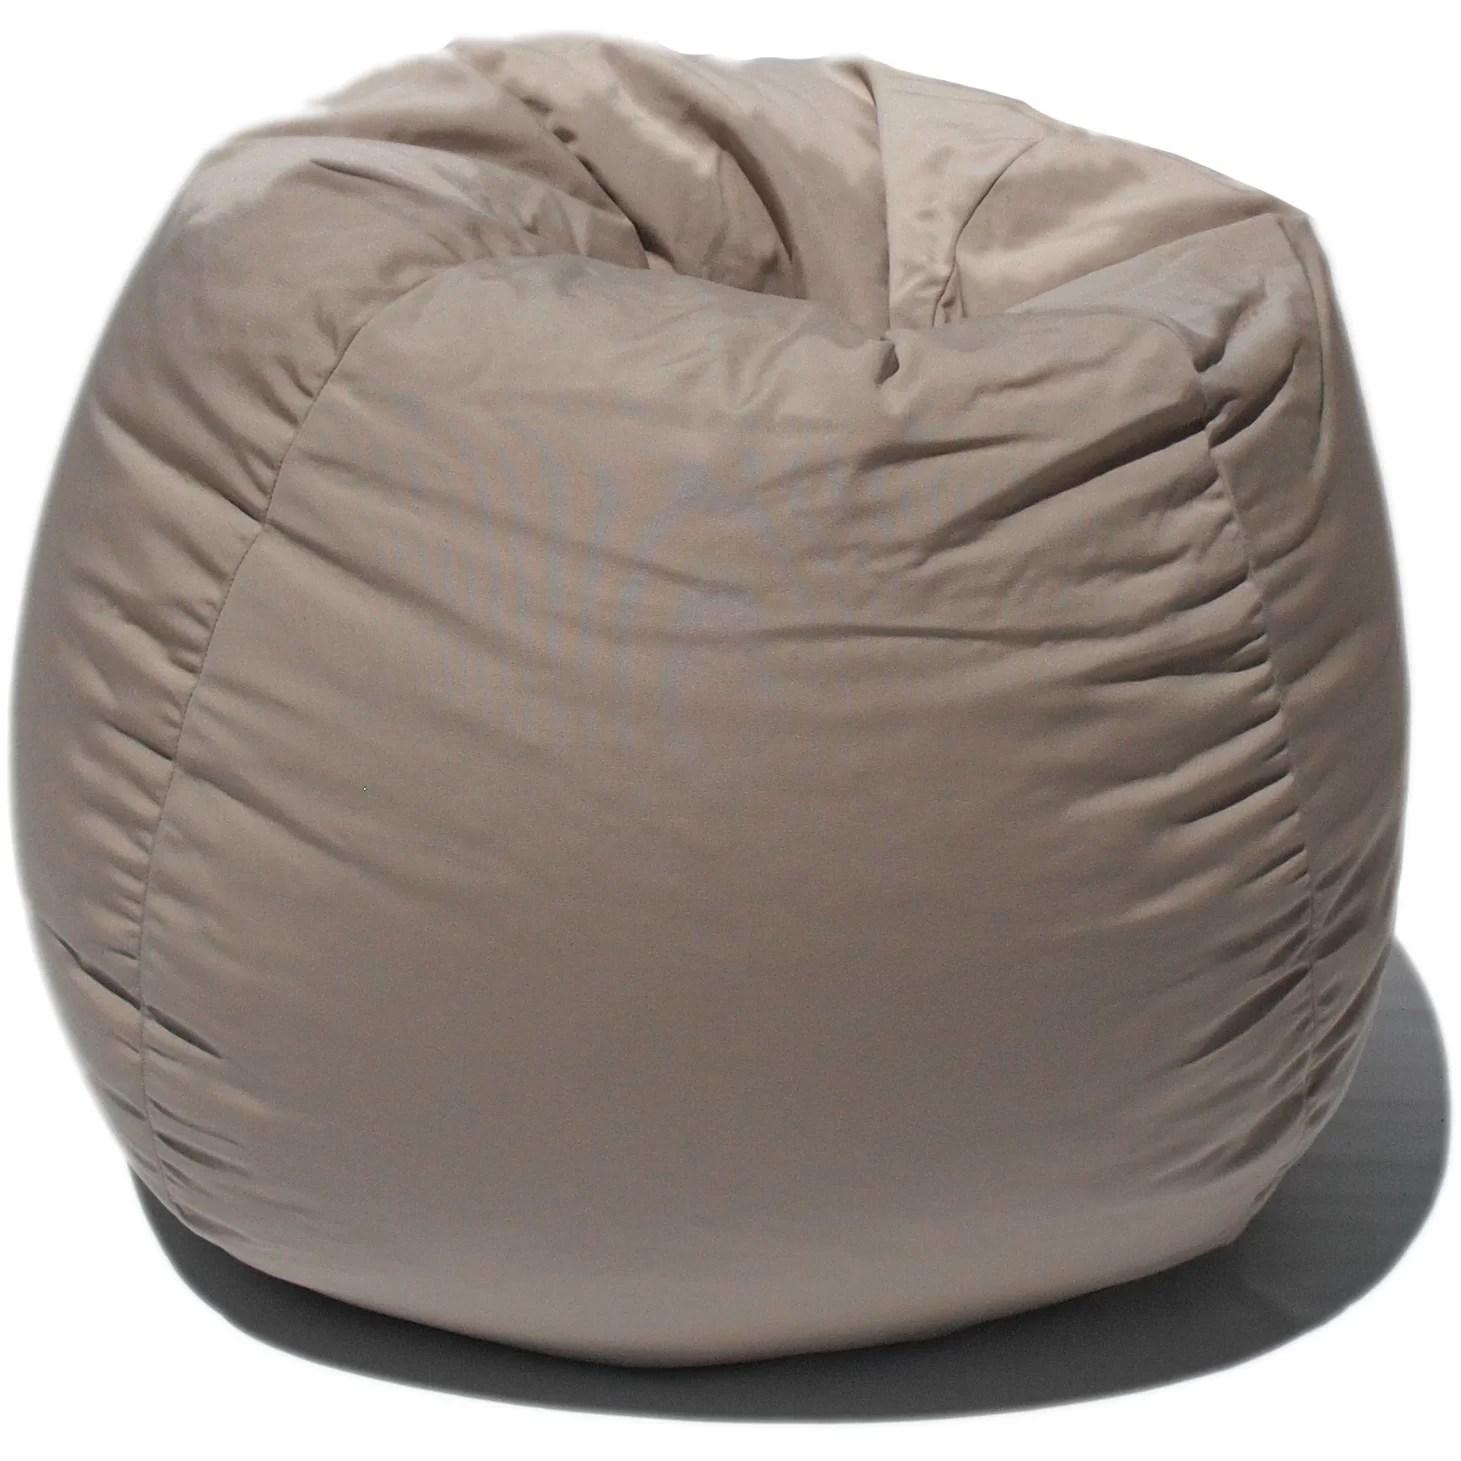 Viv  Rae Bean Bag Chair  Reviews  Wayfair